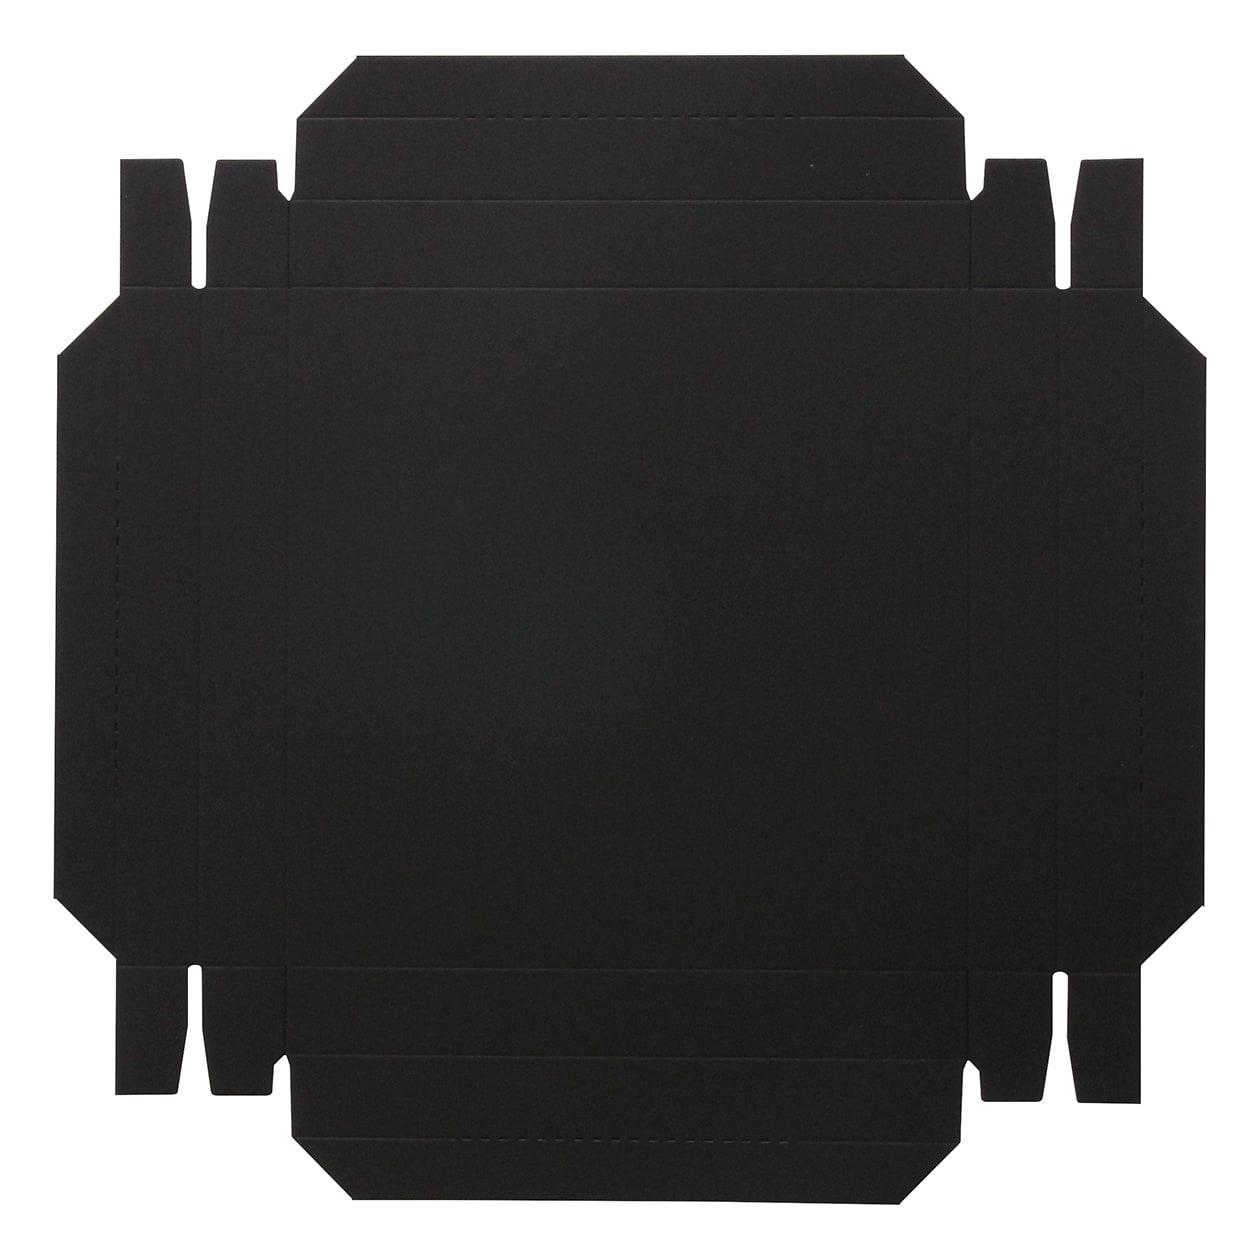 サンプル 箱 (組箱底箱)00023